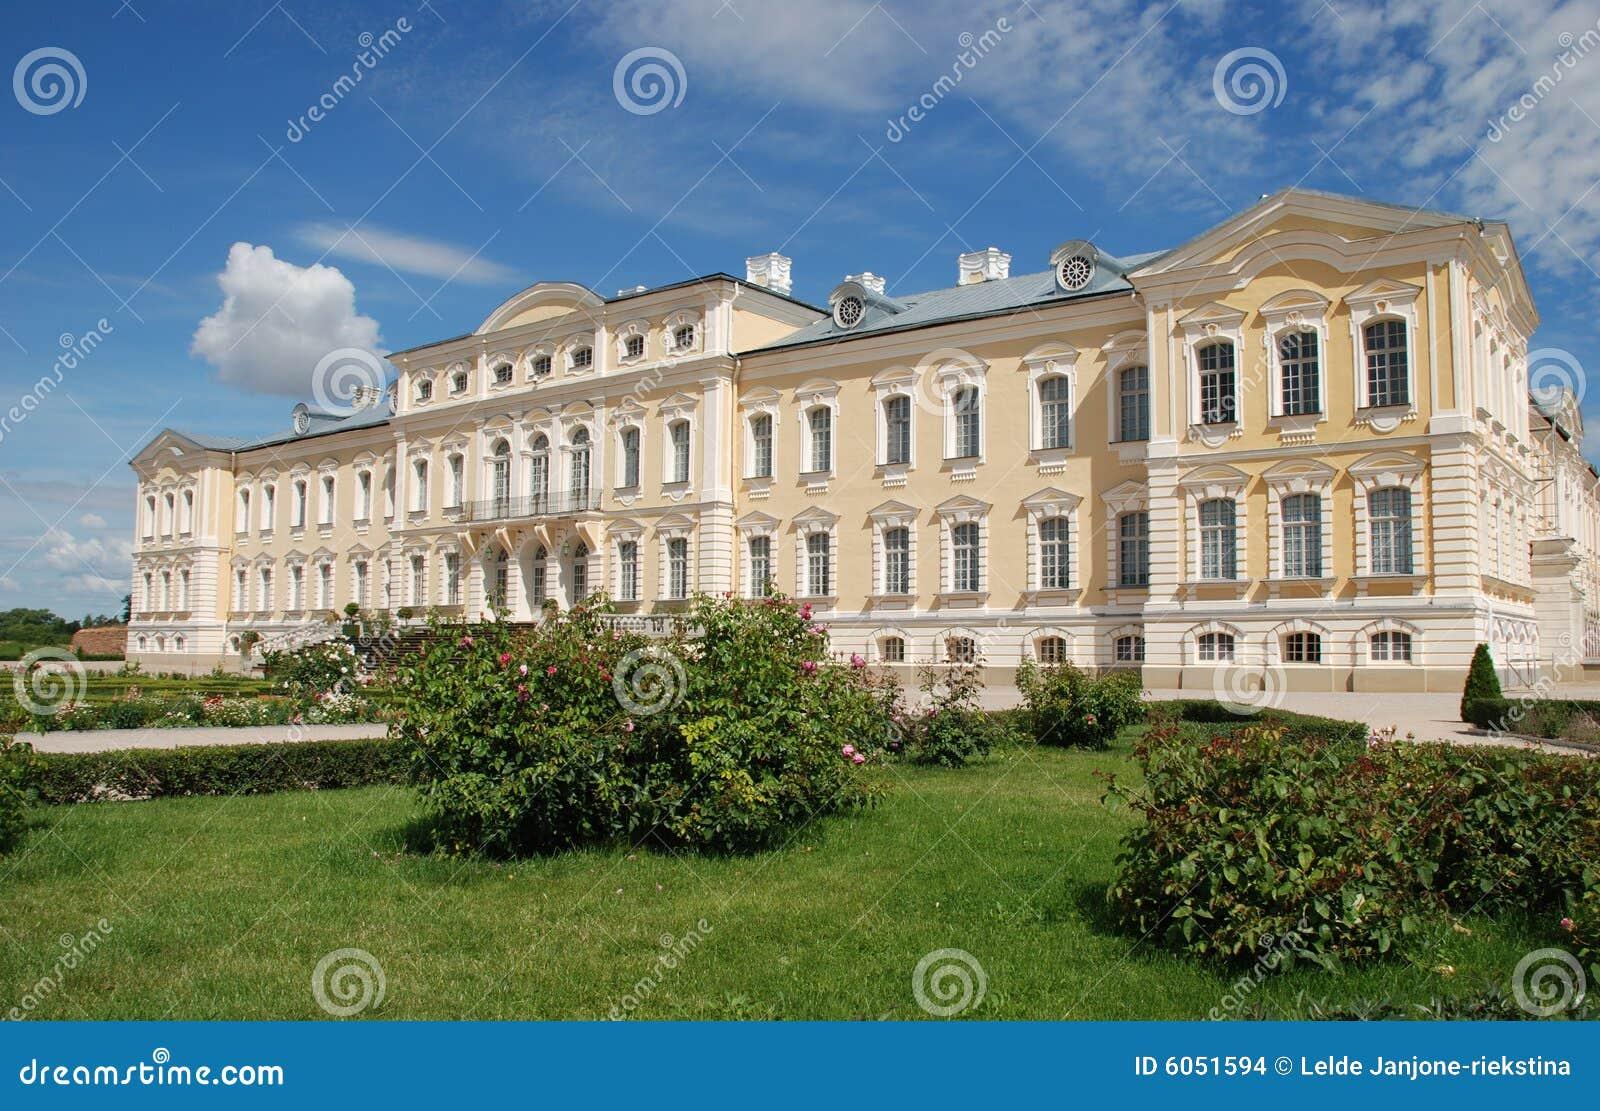 Barrocco palazzo rococo di stile fotografia stock for Palazzo in stile messicano